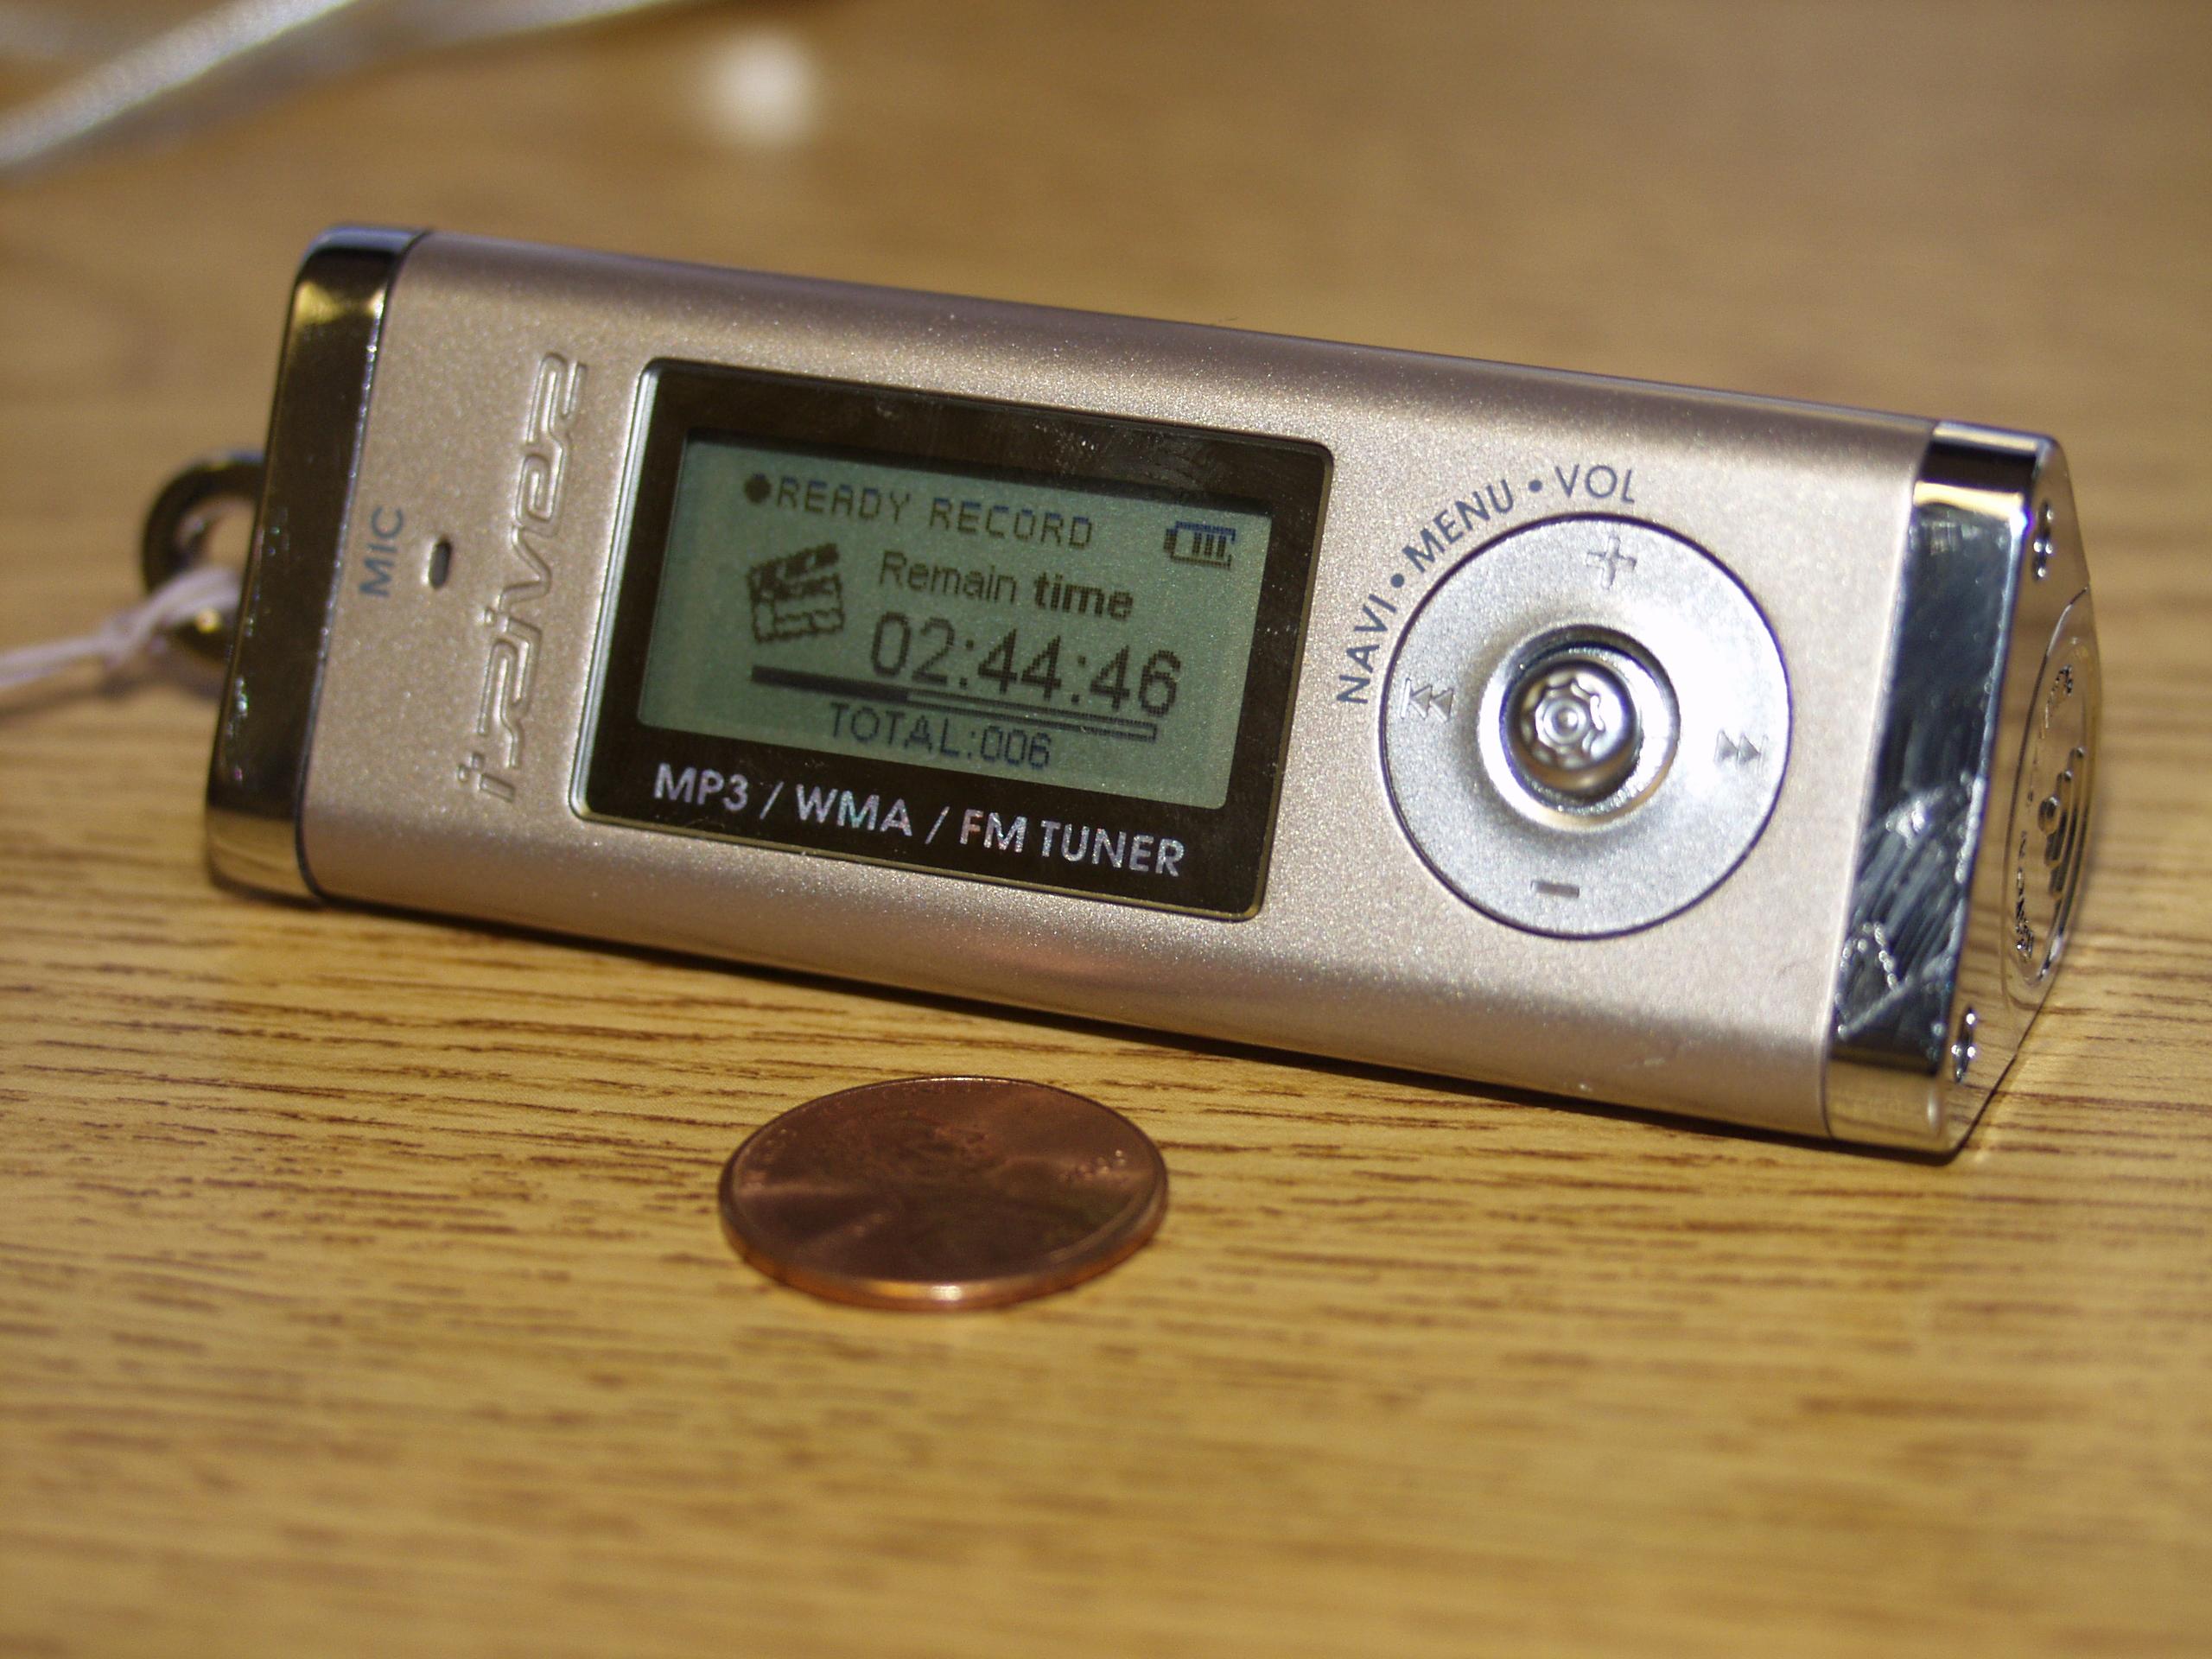 Free Images : technology, radio, podcast, electronics, audio